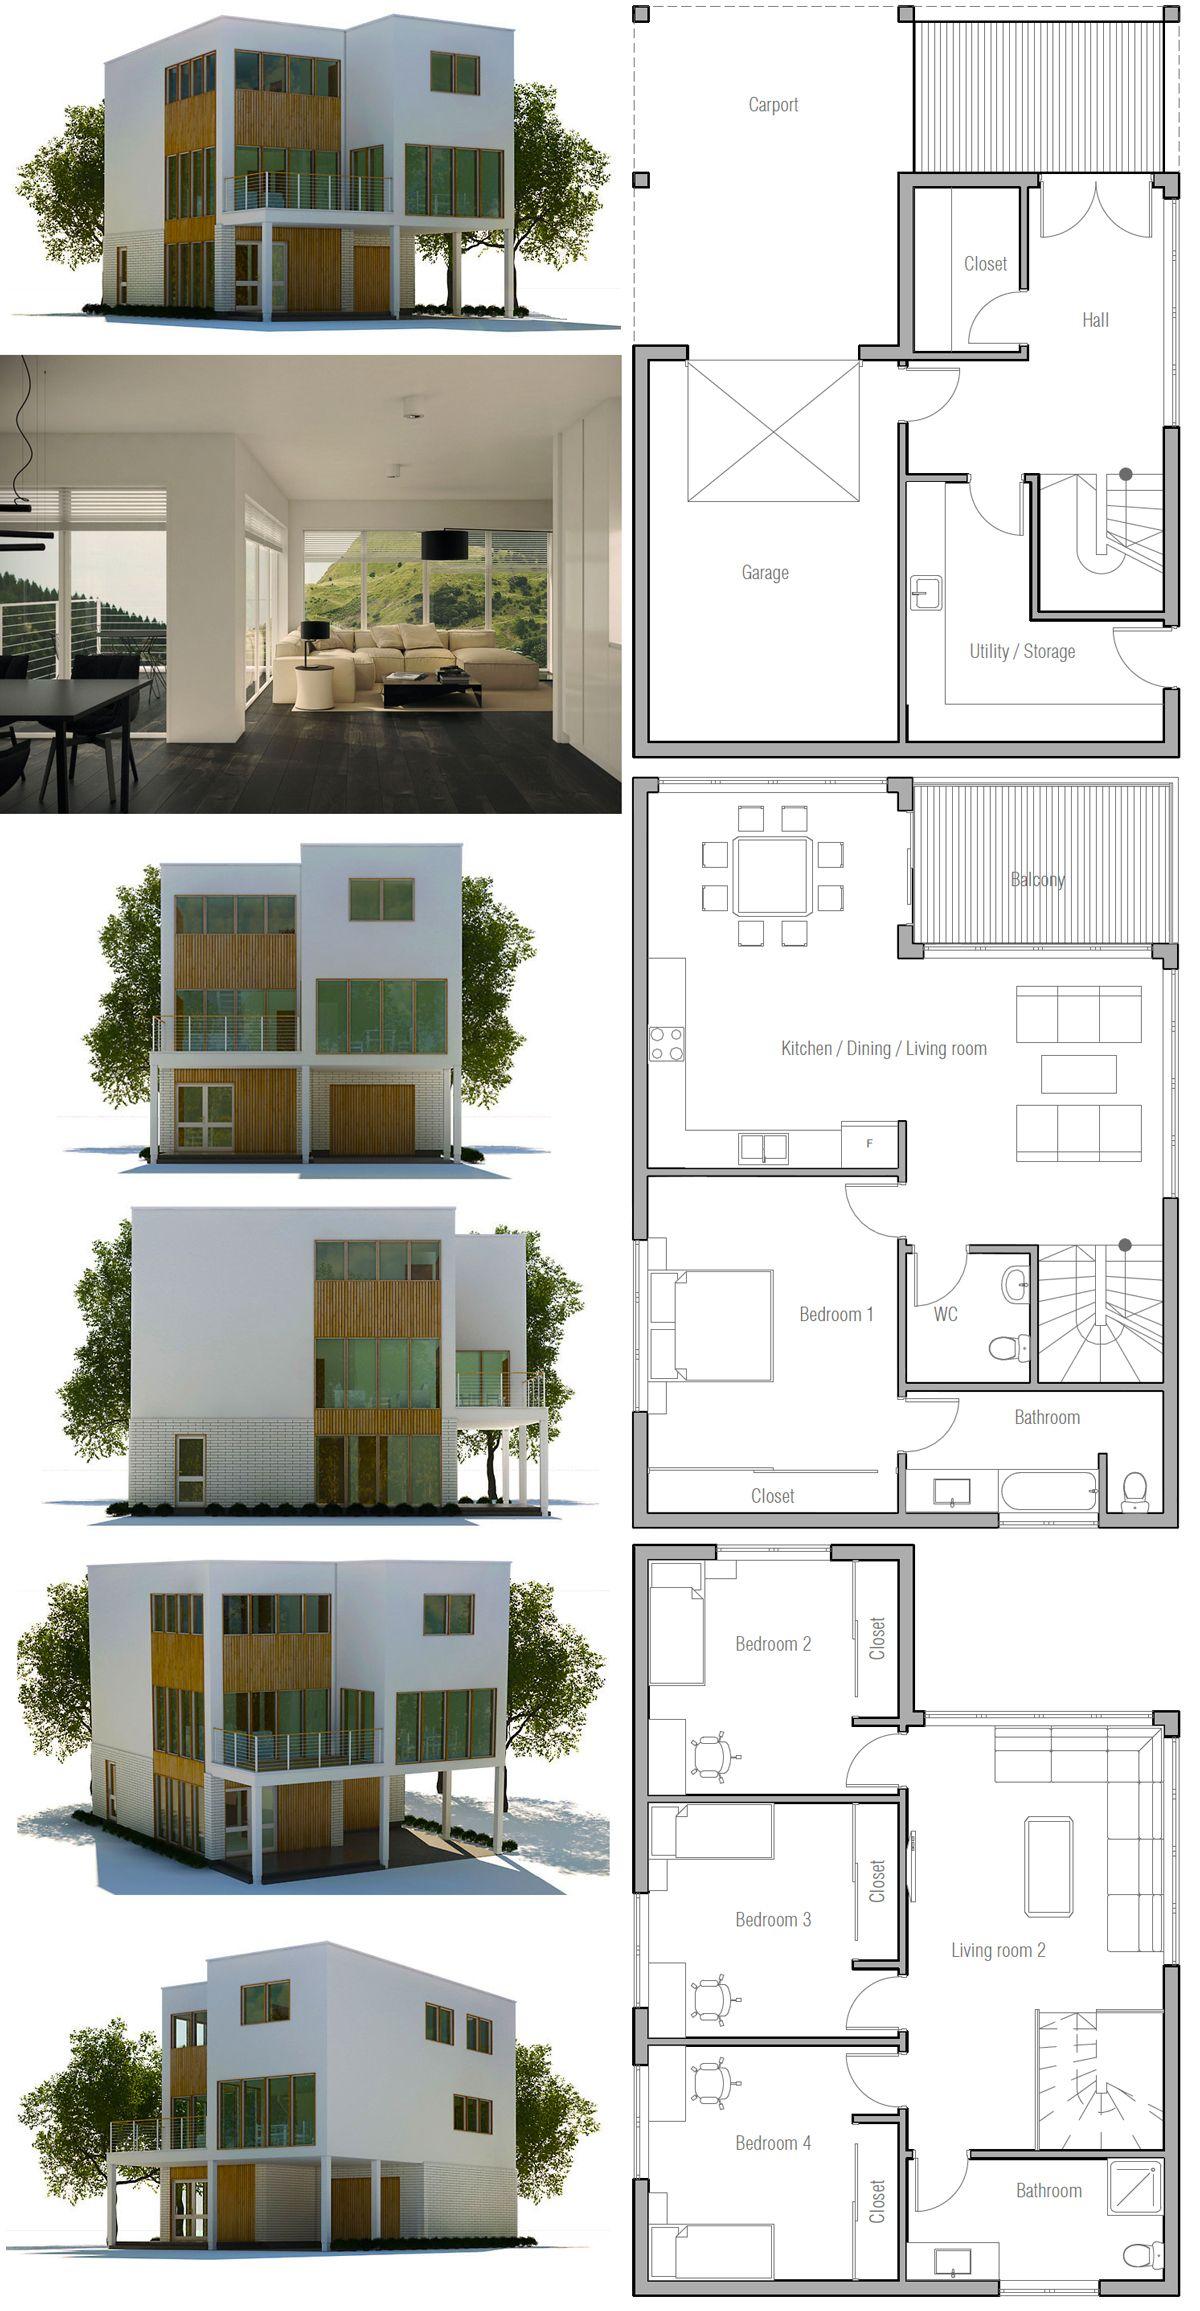 Grundrisse die sims haus pläne modernen haus pläne haus zuhause architektur projekte modern minimalist house